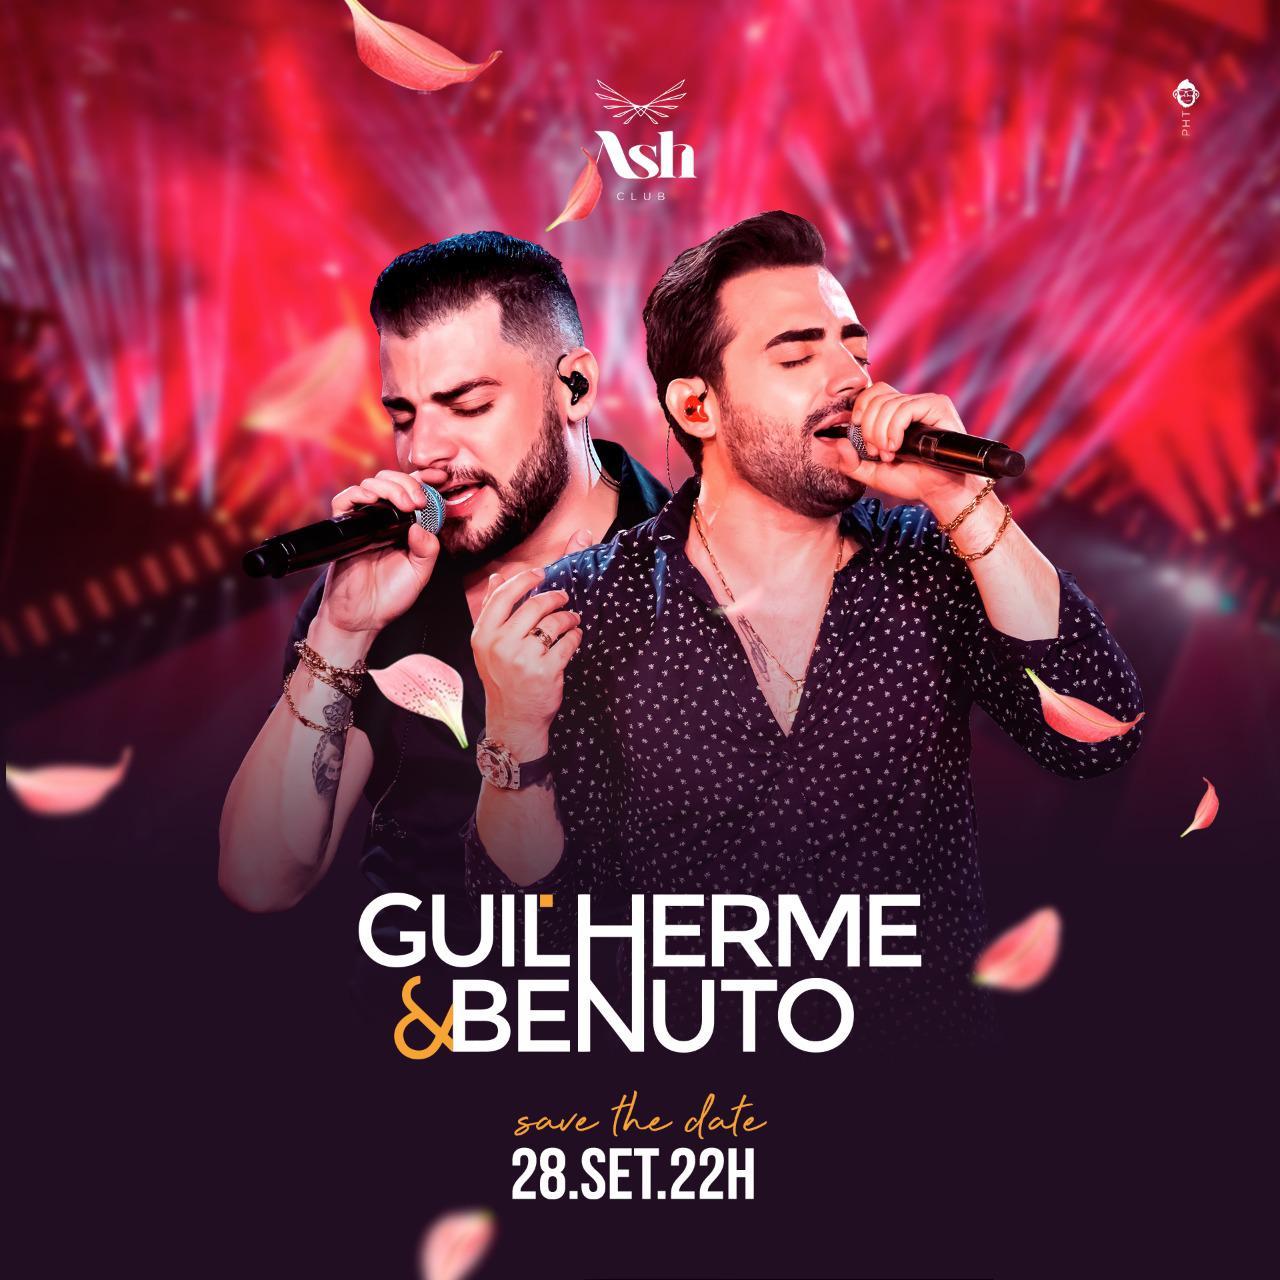 Ash Club - Guilherme e Benuto